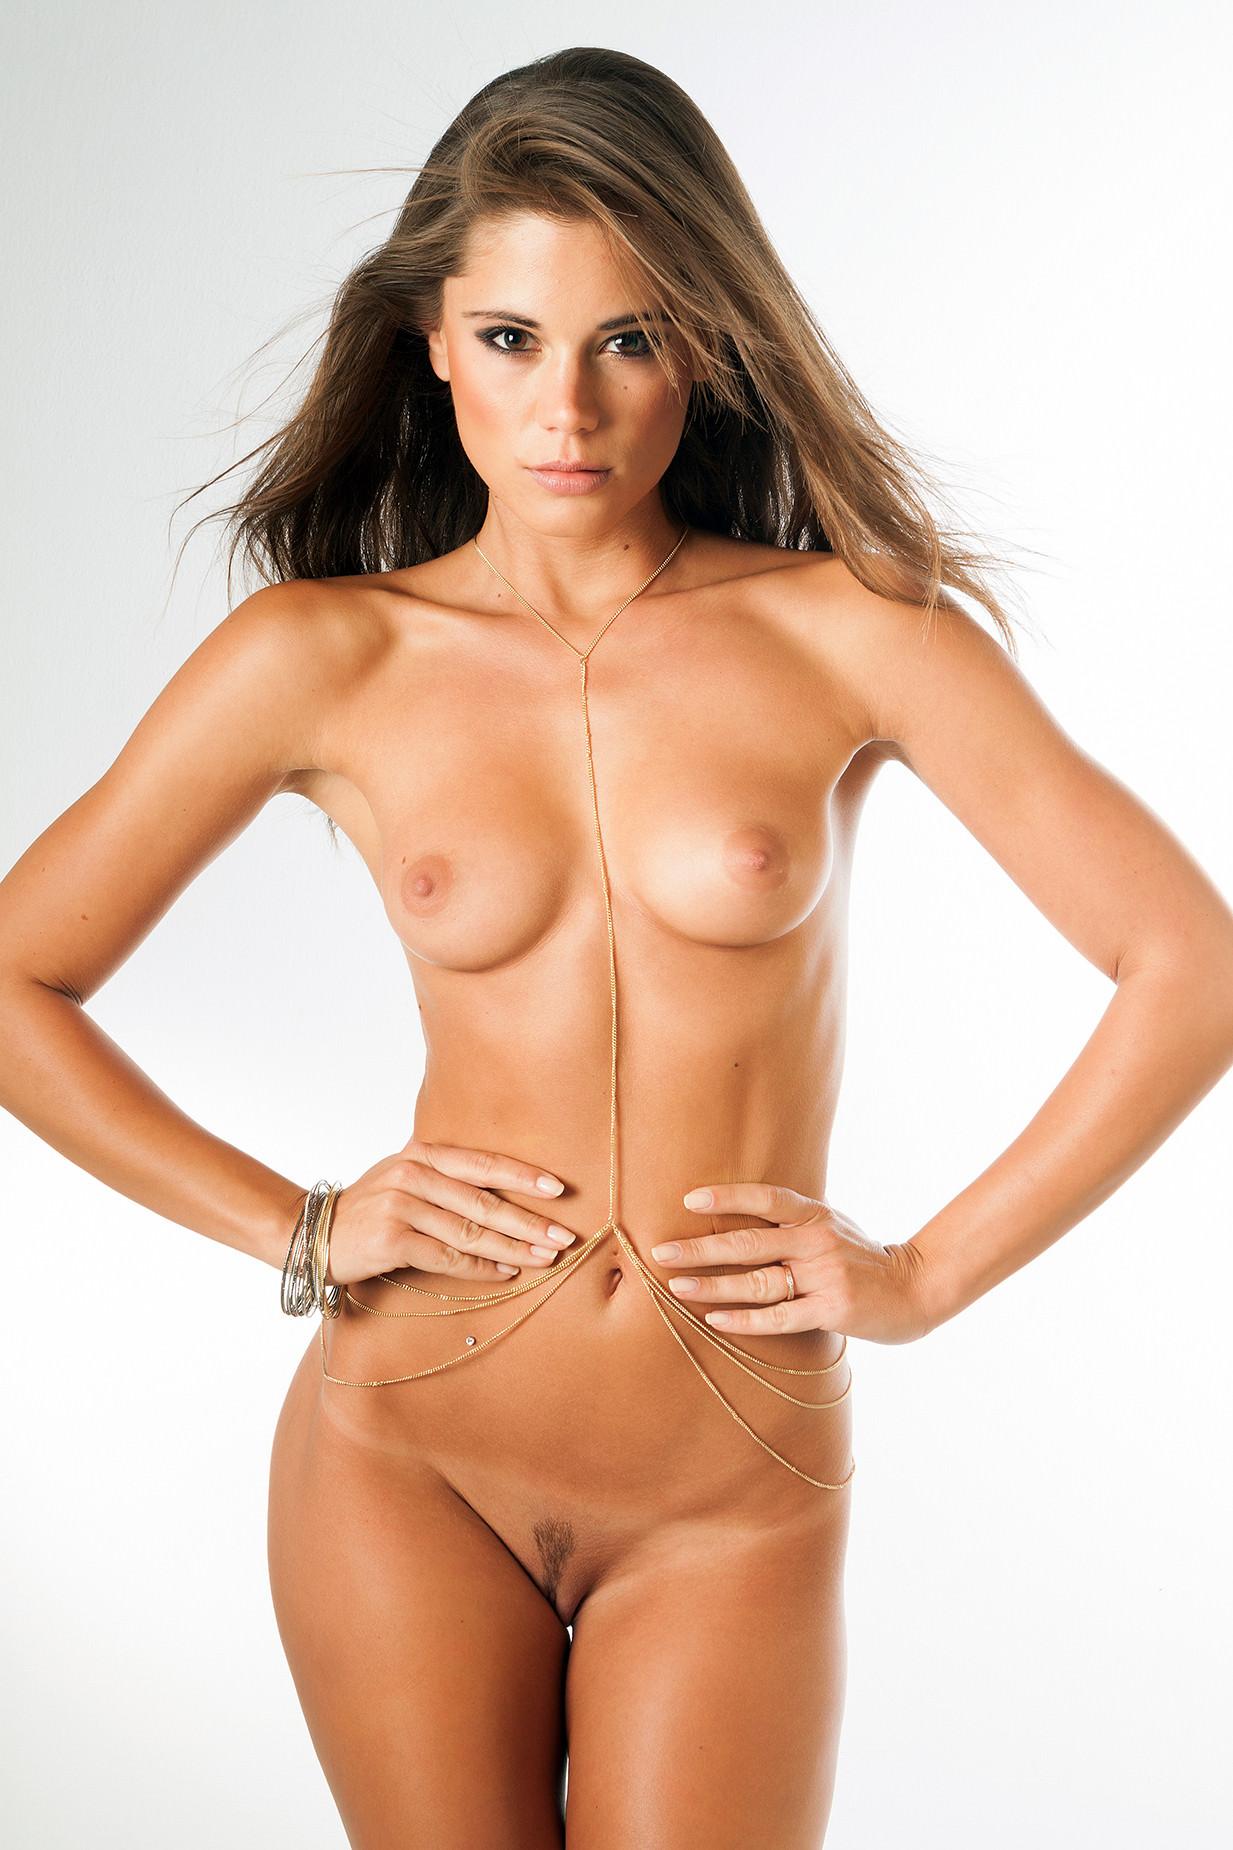 Body Chain Porn